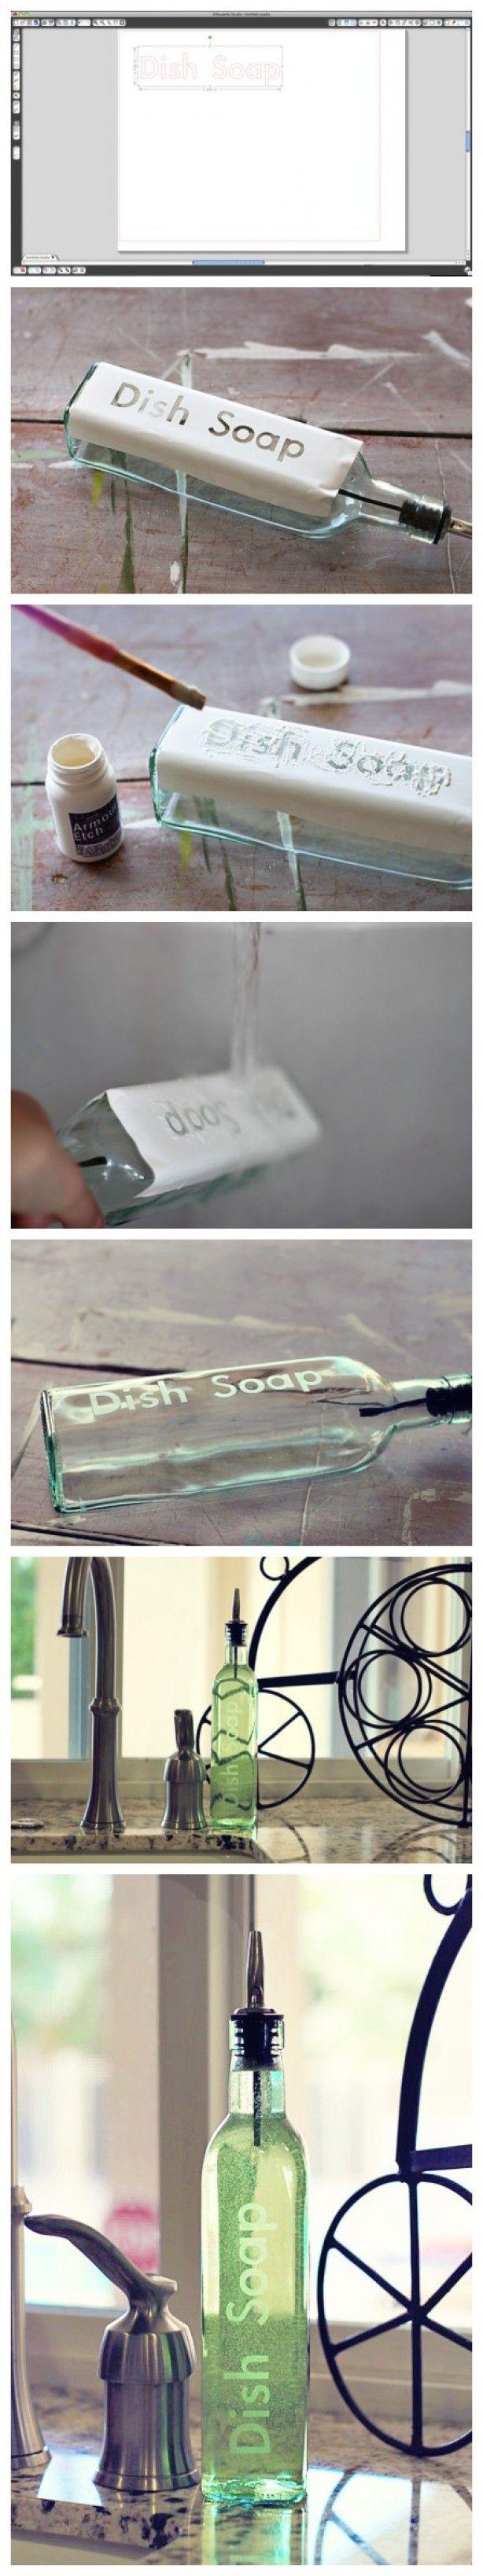 Makkelijke manier om teksten op flessen te zetten.